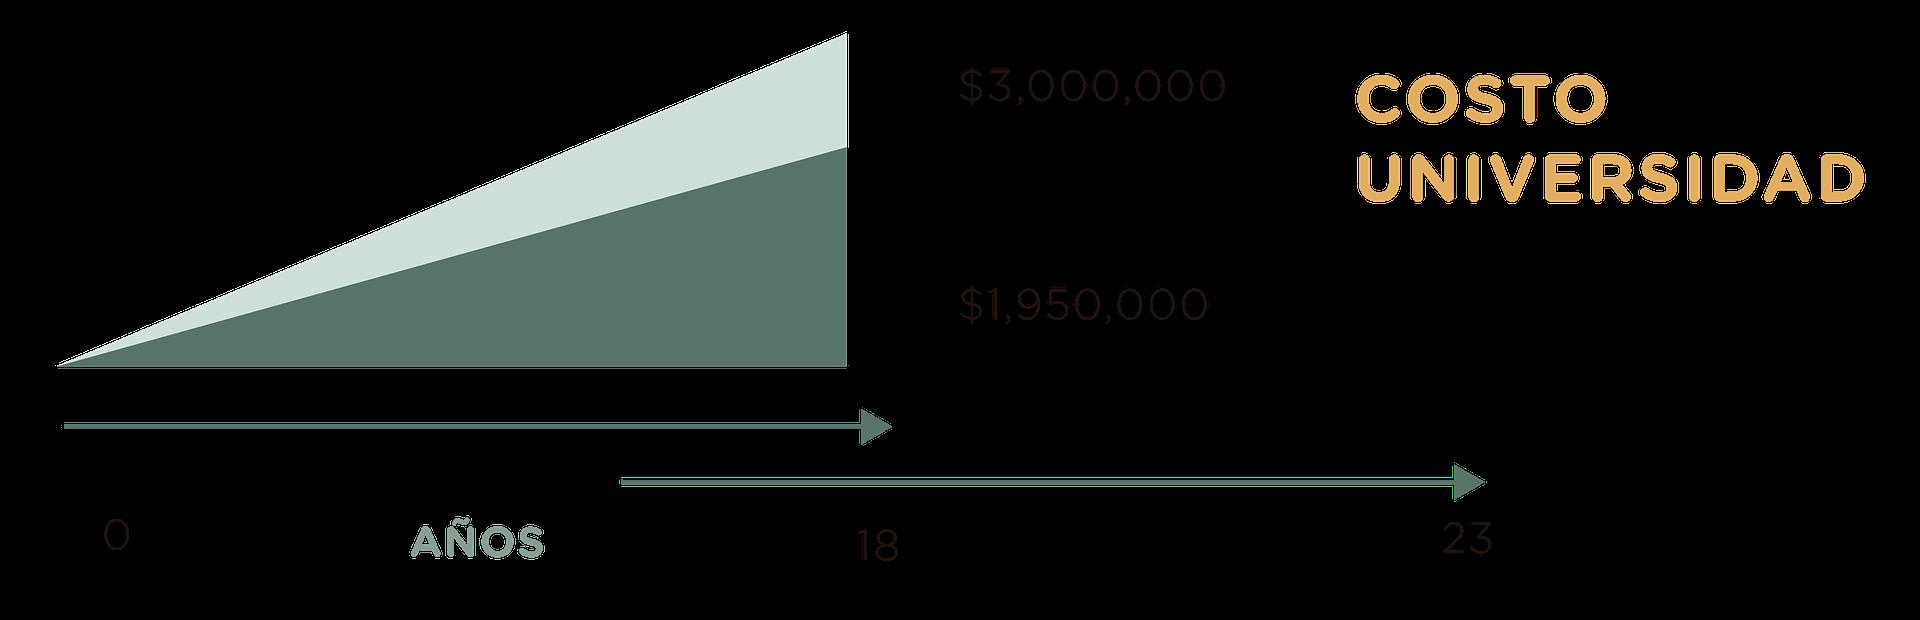 Tablas-fondo-educativo[843]-2